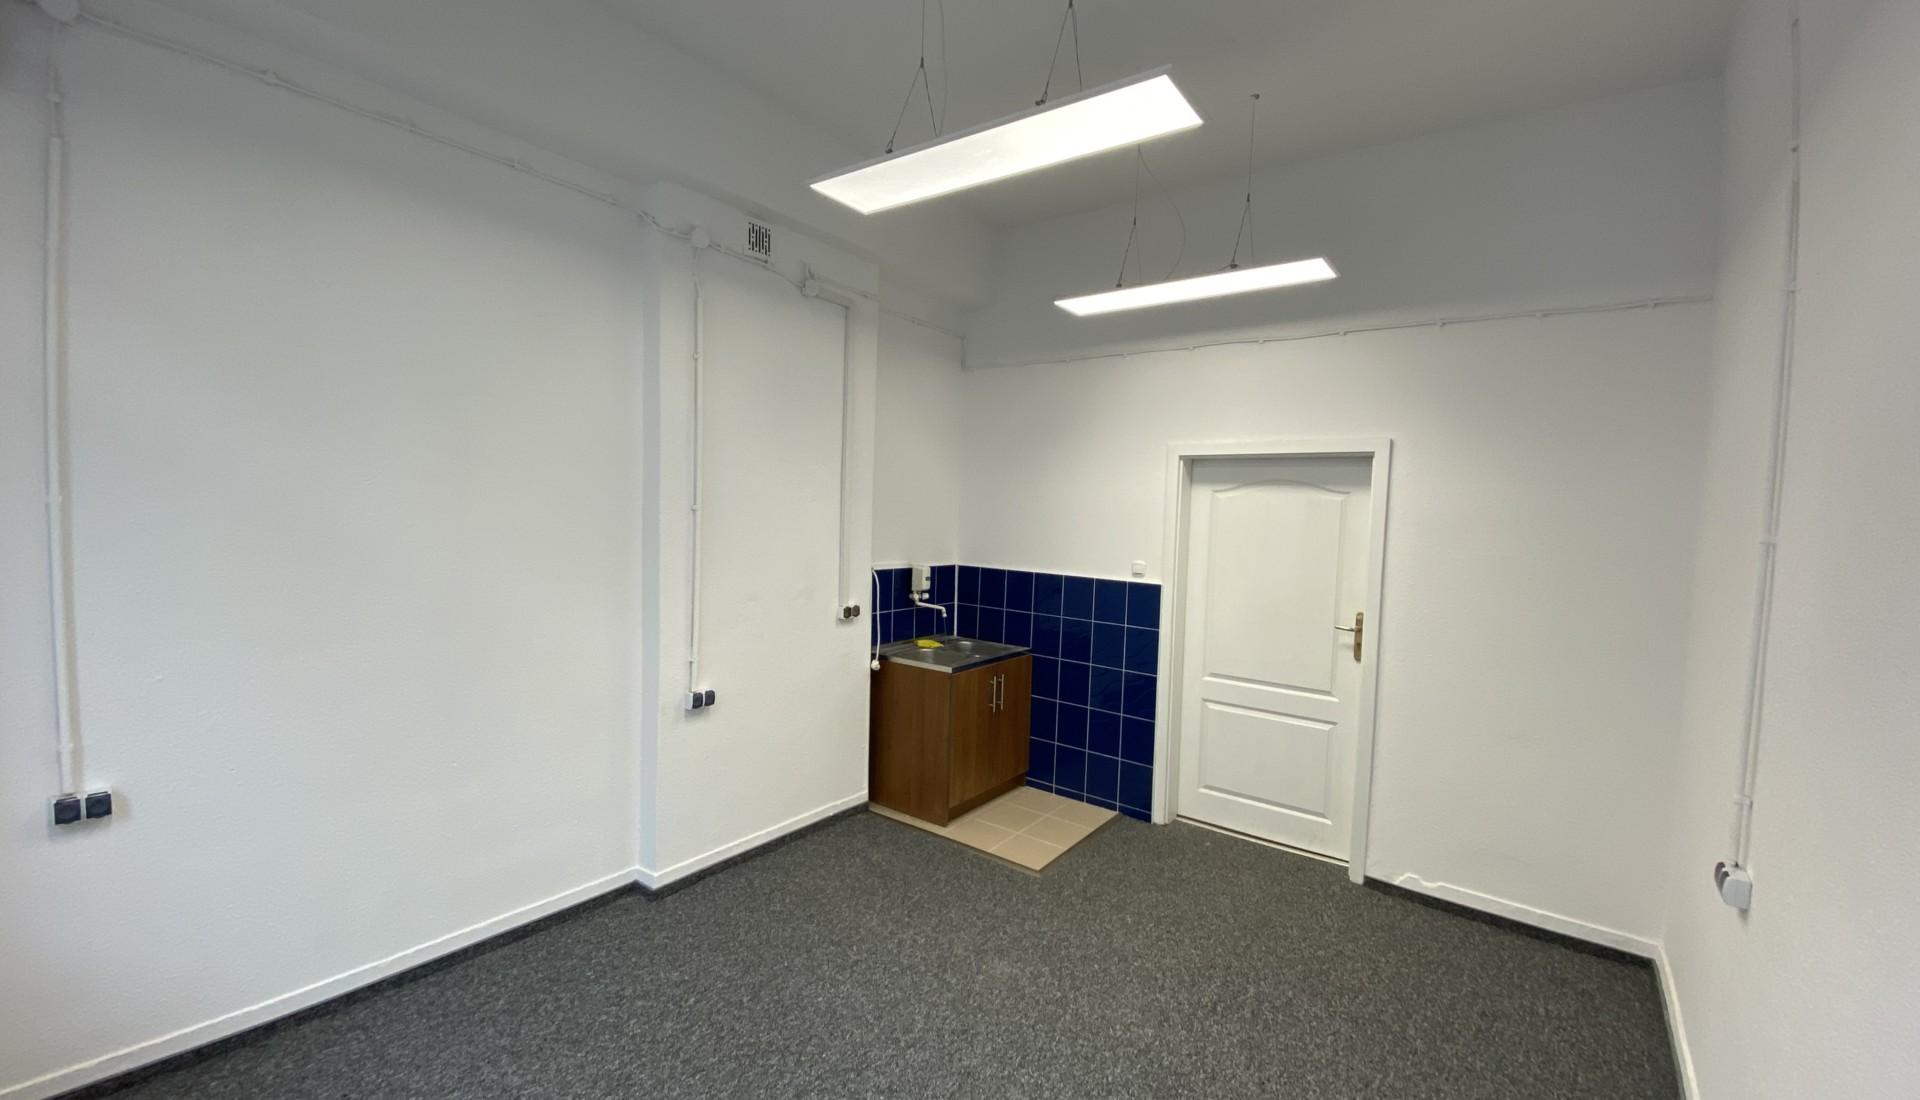 biuro o powierzchni 15,3 m<sup>2</sup> - Farbud Nieruchomości - Lublin